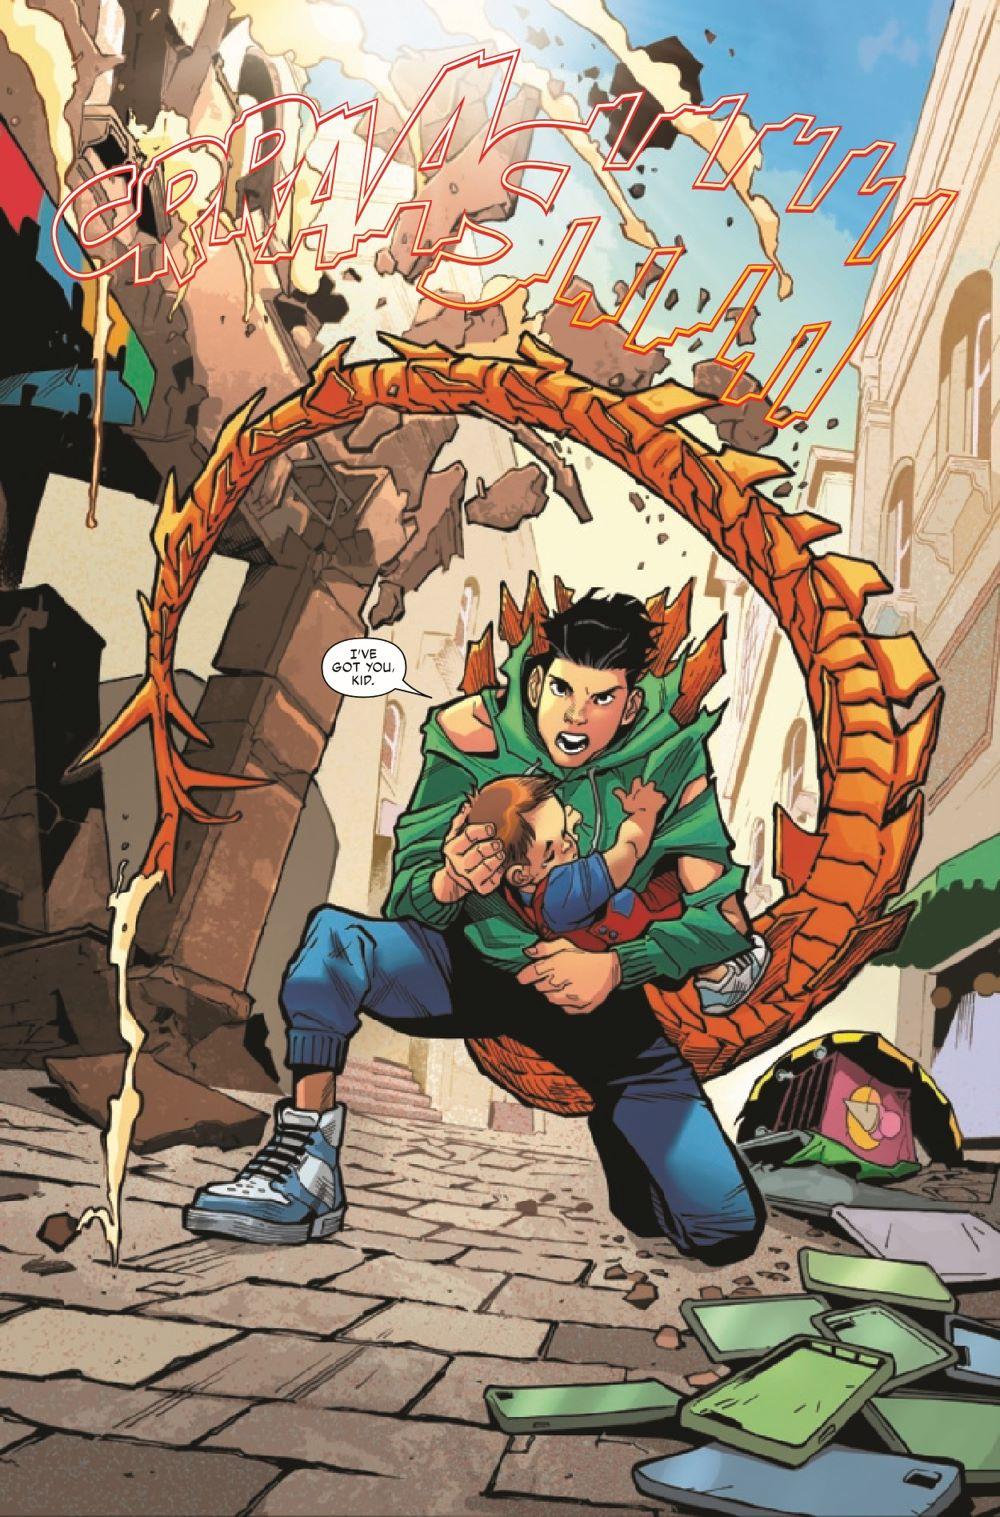 REPTIL2021001_Preview-6 ComicList Previews: REPTIL #1 (OF 4)